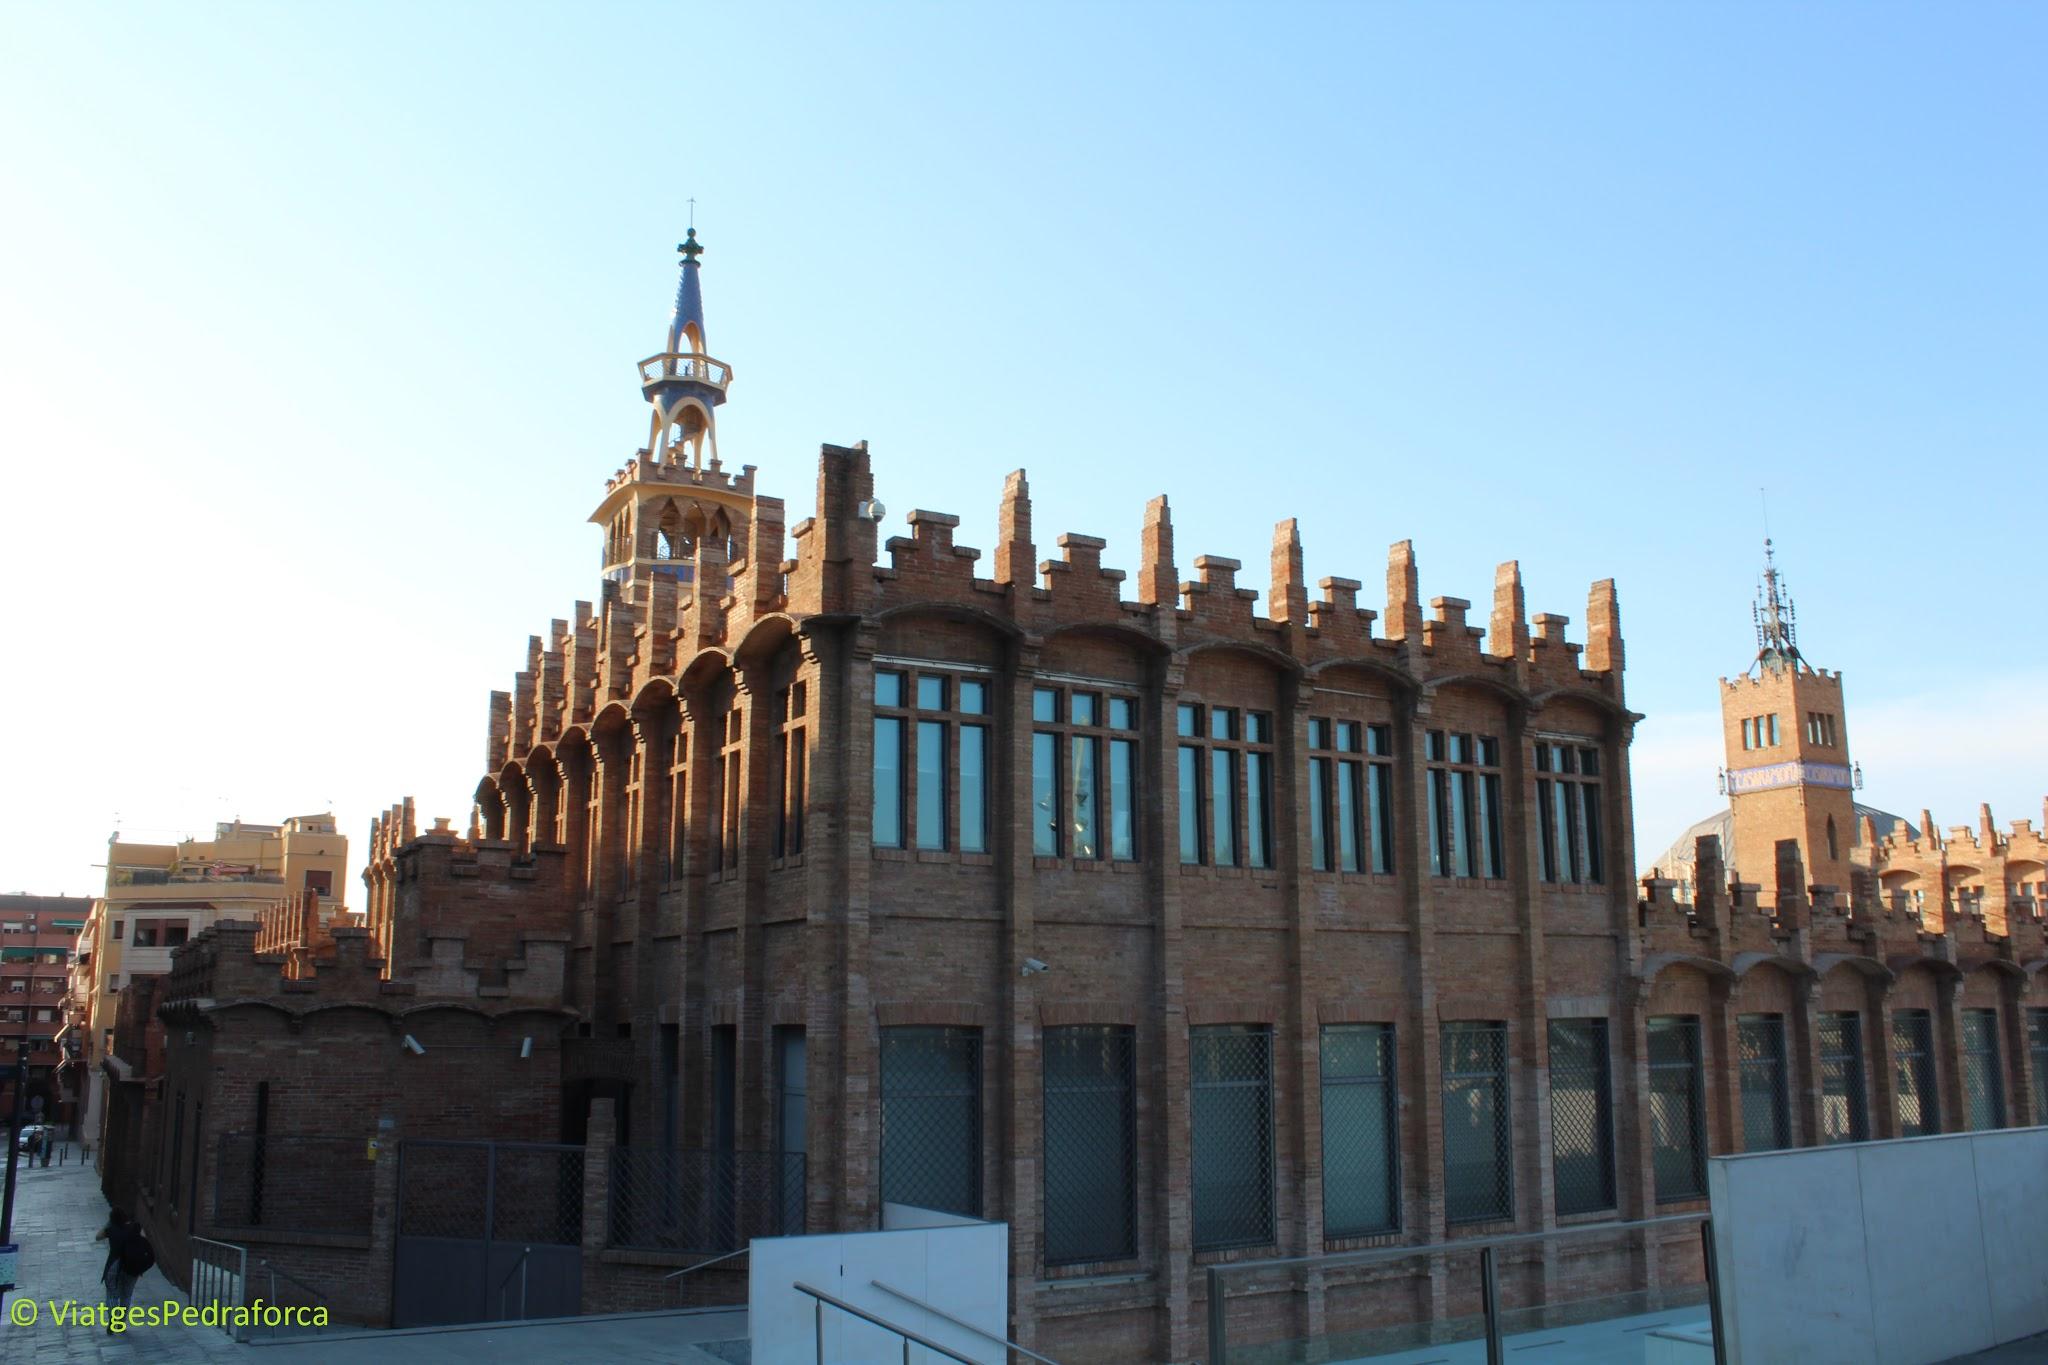 Ruta del modernisme per Barcelona, Catalunya